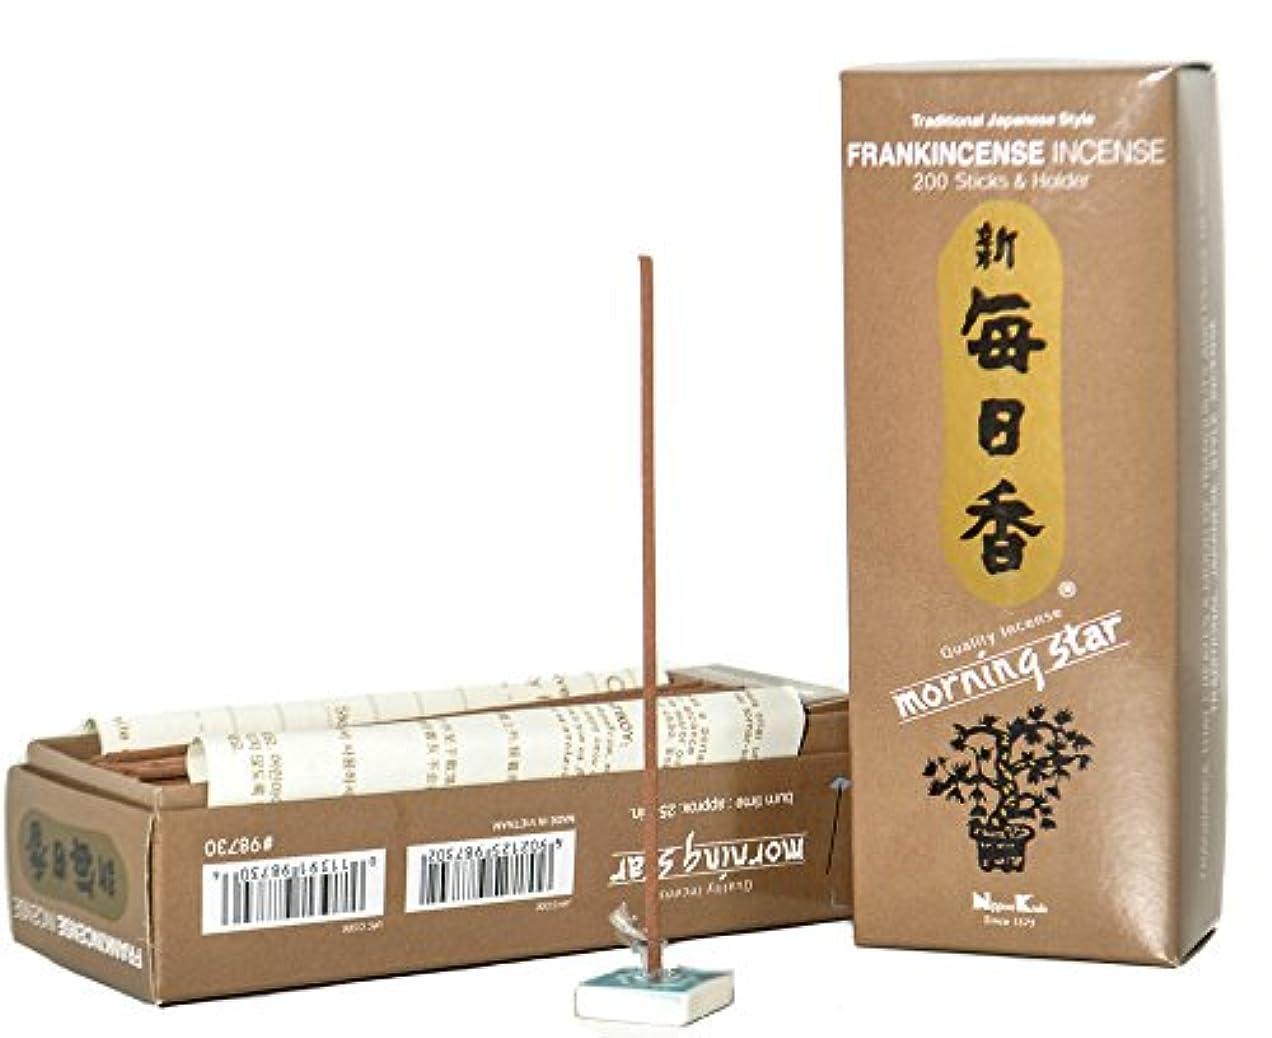 組切り離すあいまいなMorning Star Japanese Incense Sticks 200 Sticks &ホルダー ブラウン